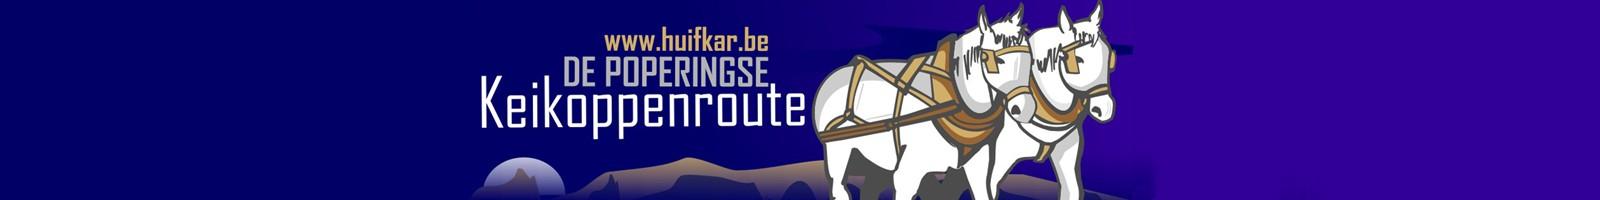 logo-desktop.jpg